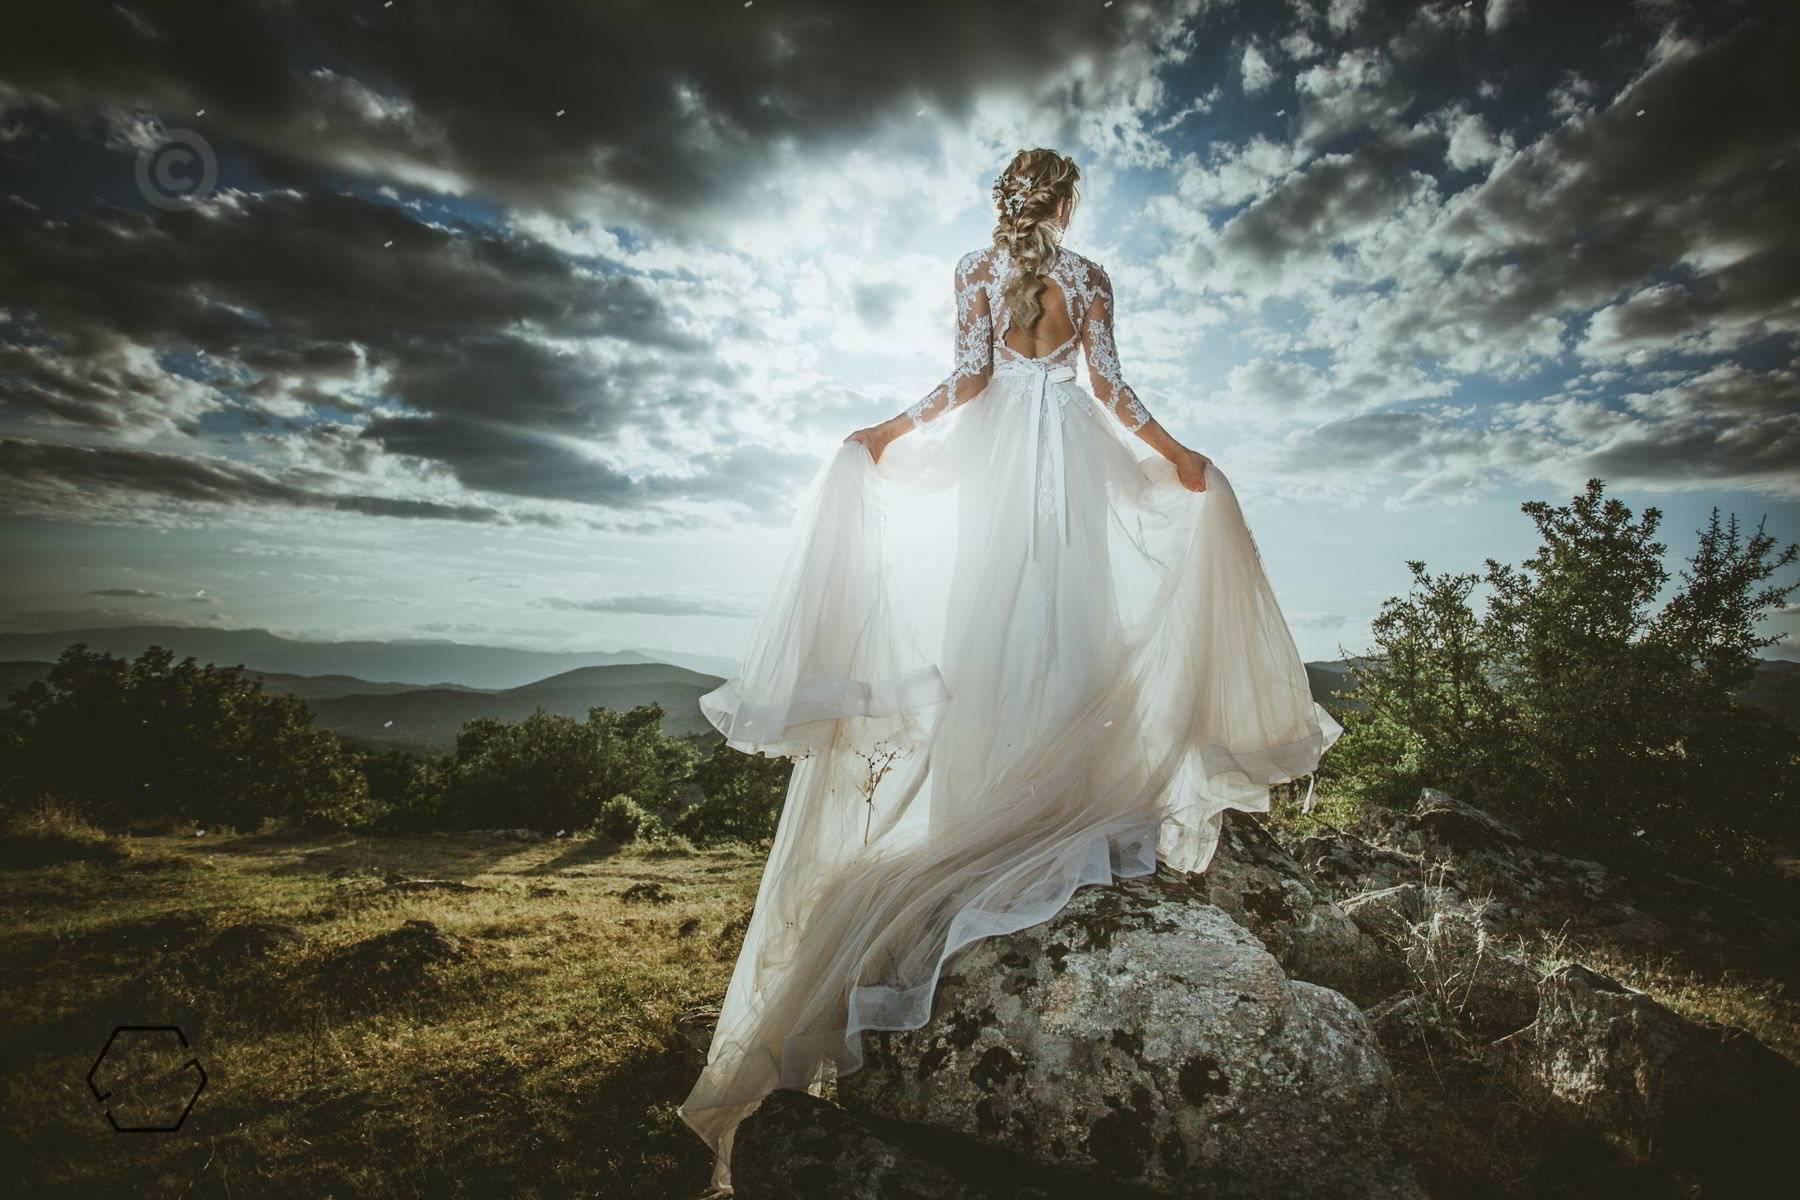 νύφη και νυφικό στη φύση